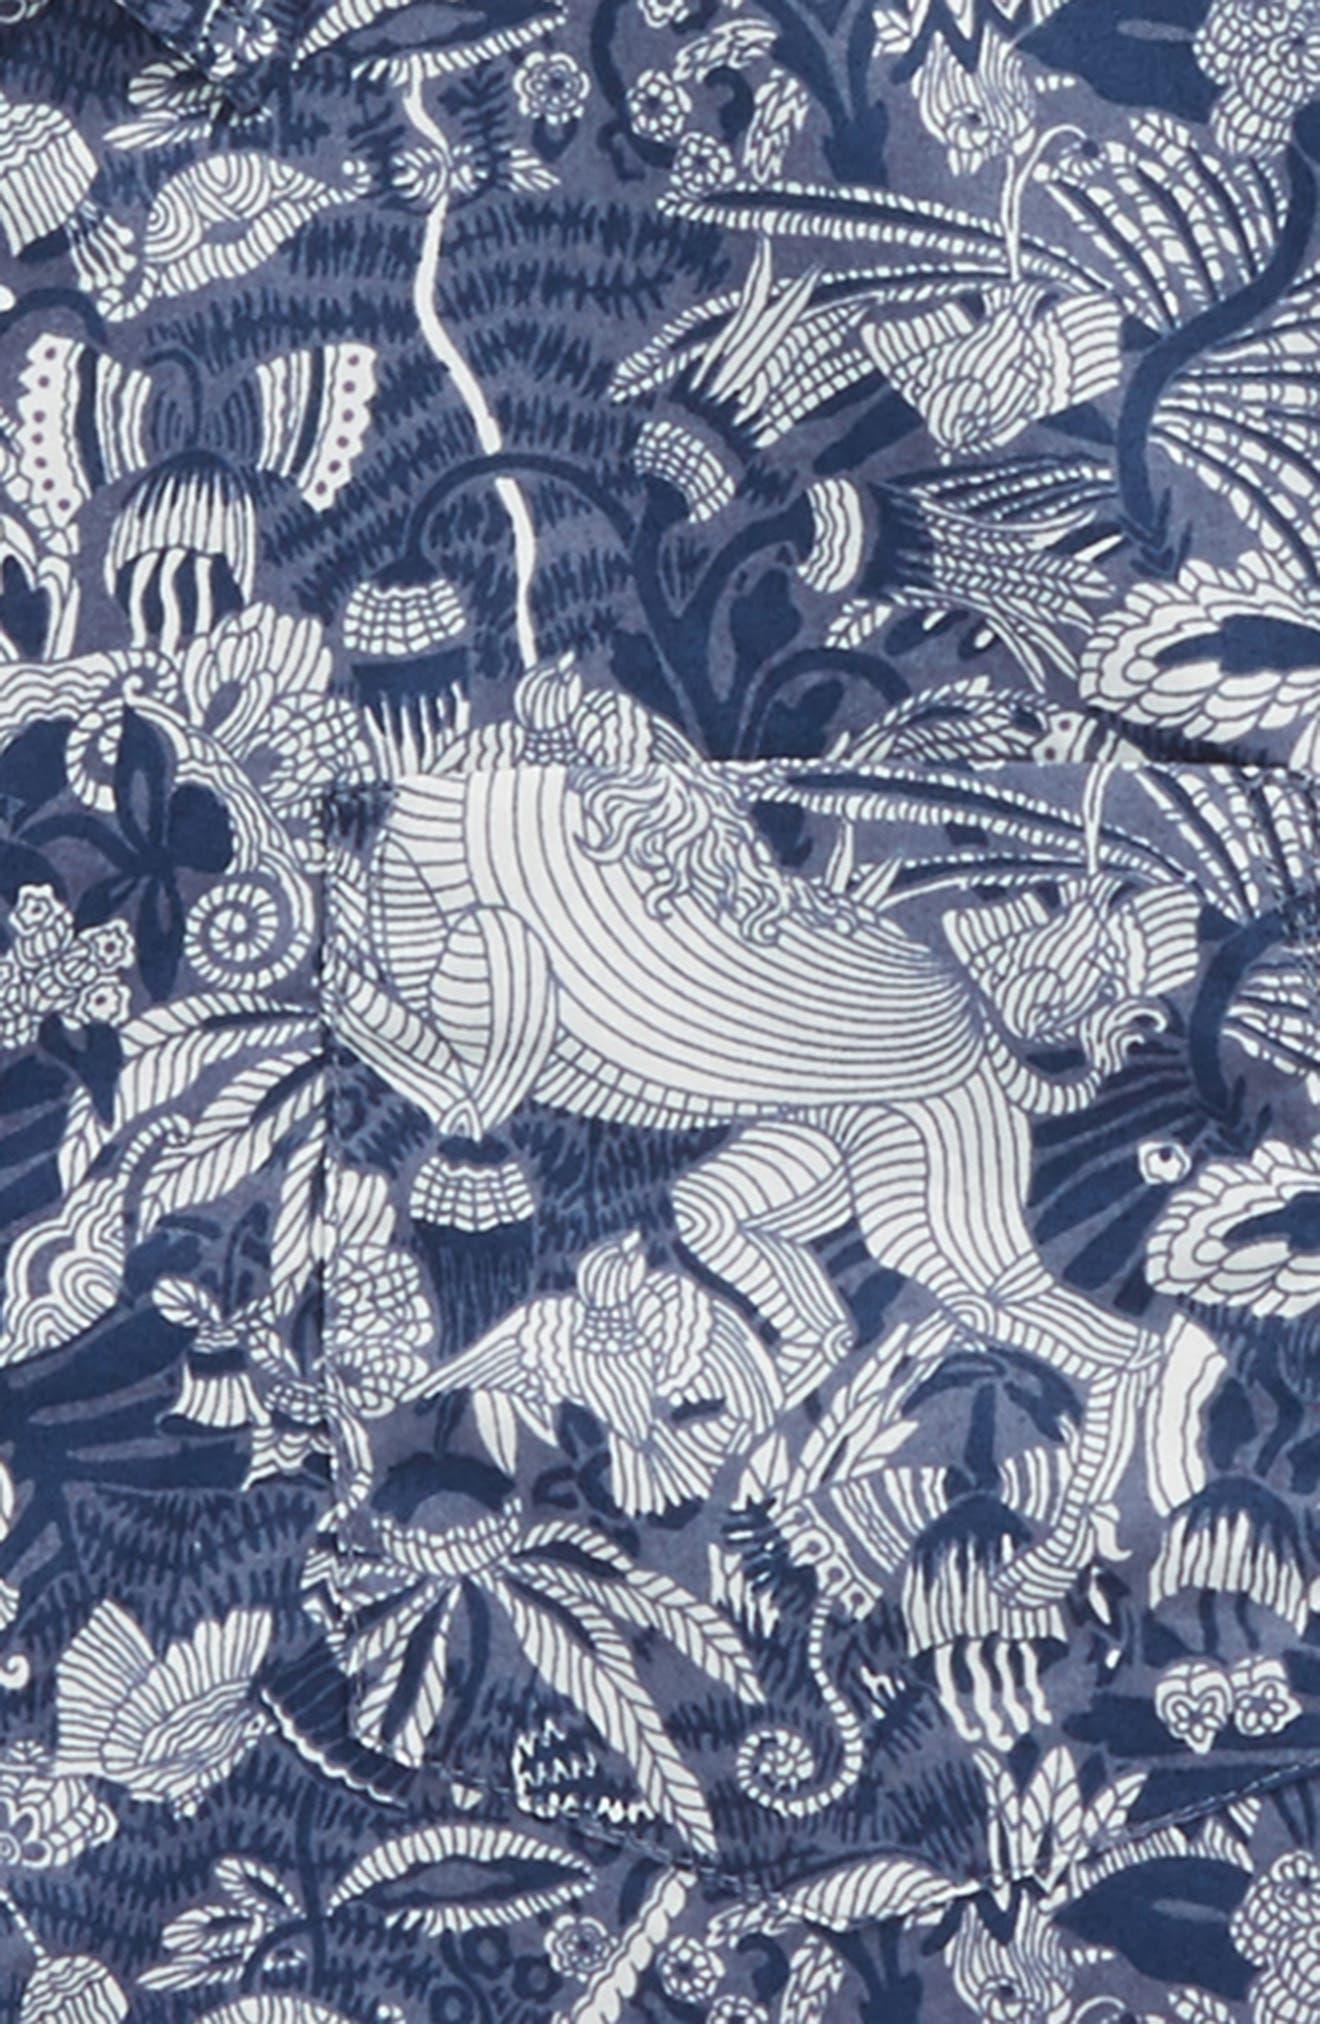 Jungle Unicorn Print Woven Shirt,                             Alternate thumbnail 2, color,